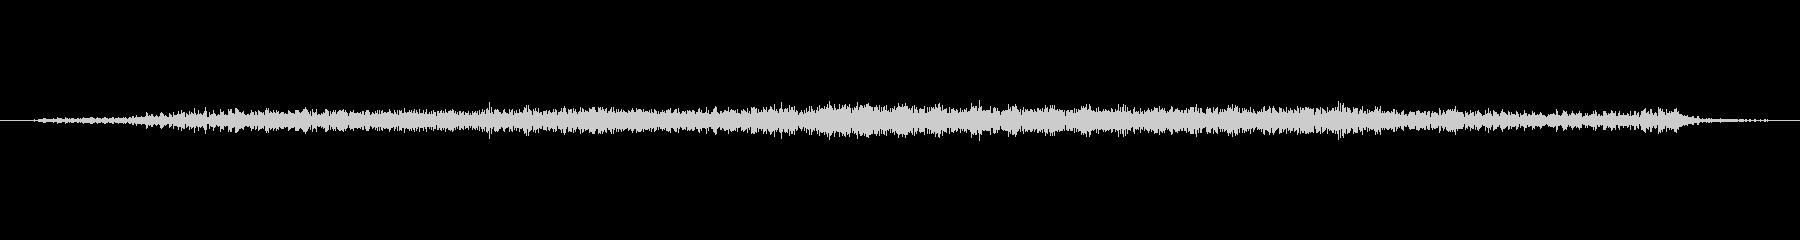 ウィーンッ…小さめの機械の駆動音2の未再生の波形